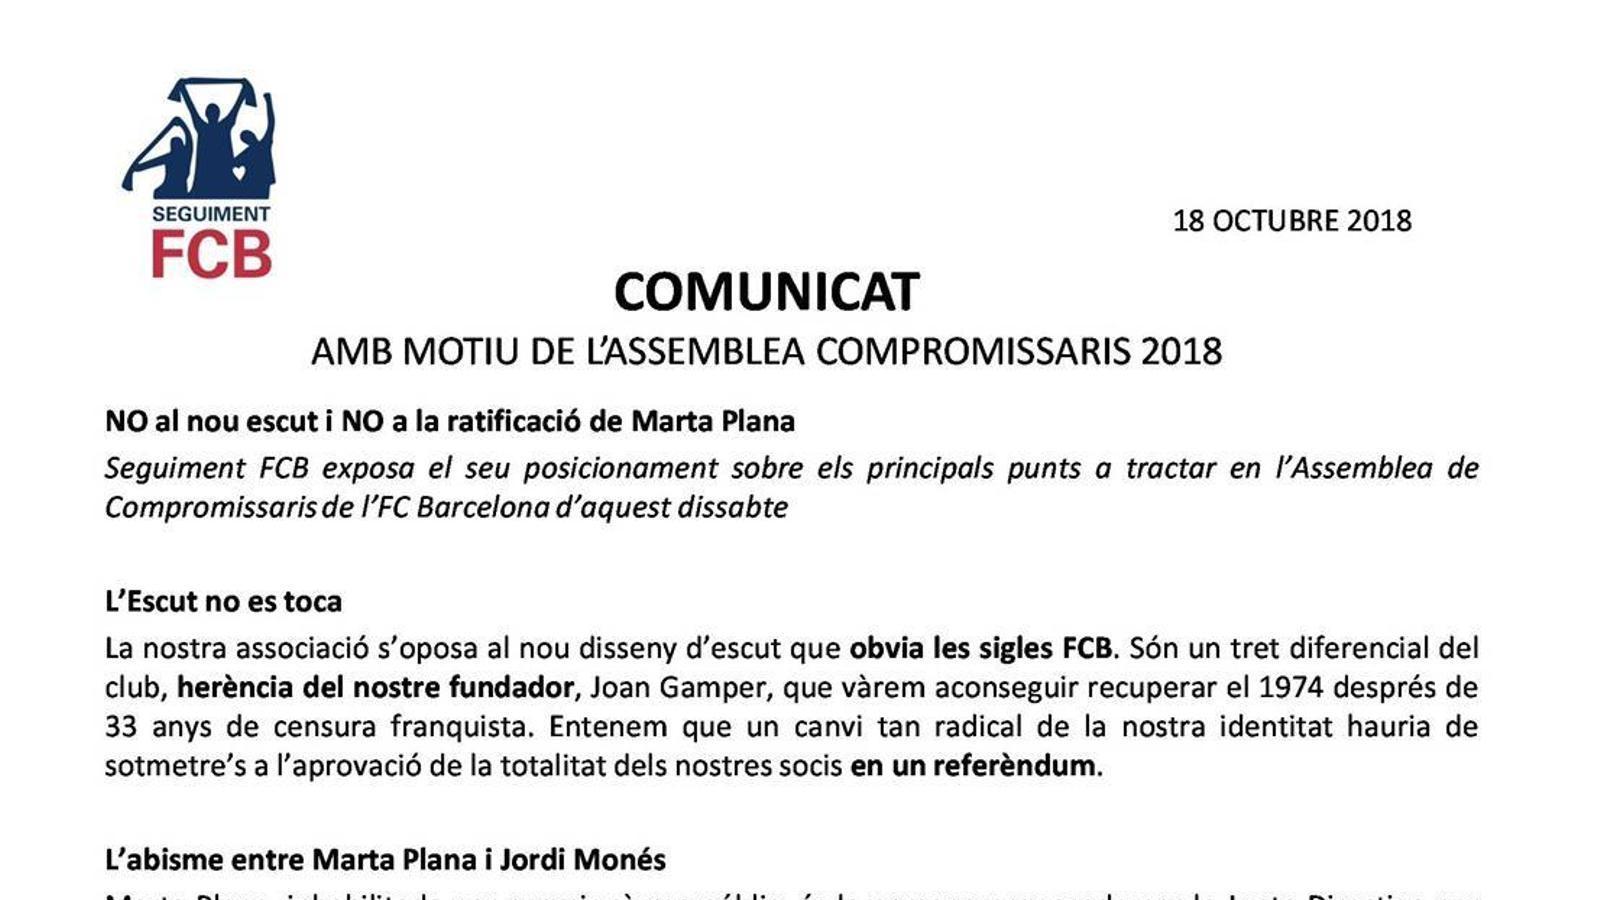 El comunicat de Seguiment FCB en relació al nou escut